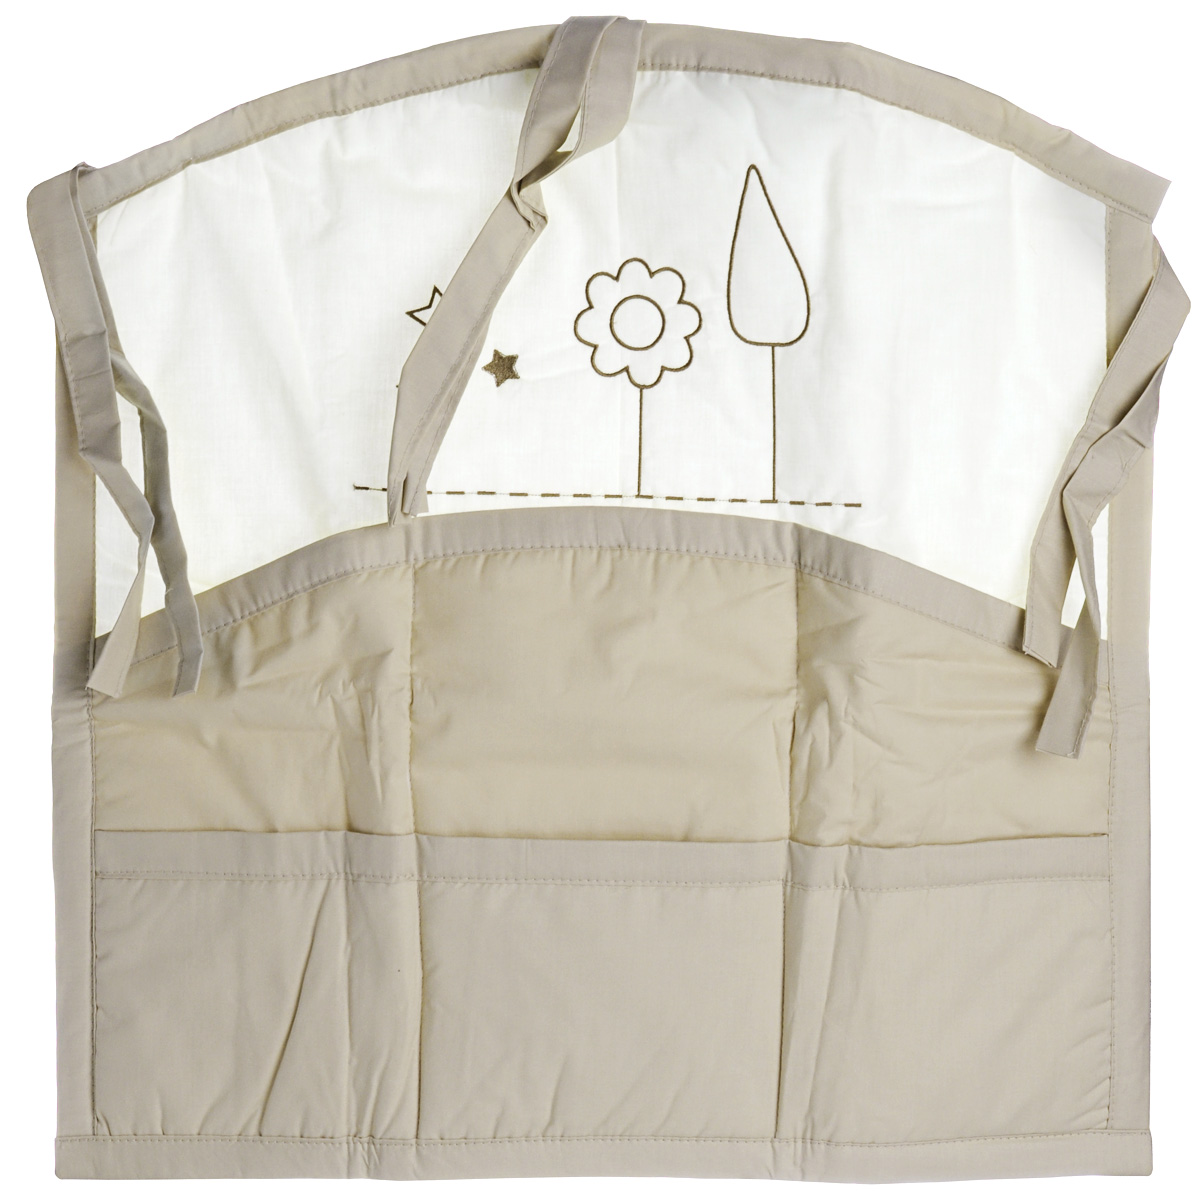 Карман на кроватку Fairy Я и моя мама, цвет: белый, бежевый, 59 см х 60 см карманы и панно fairy сумка для пеленок и подгузников я и моя мама